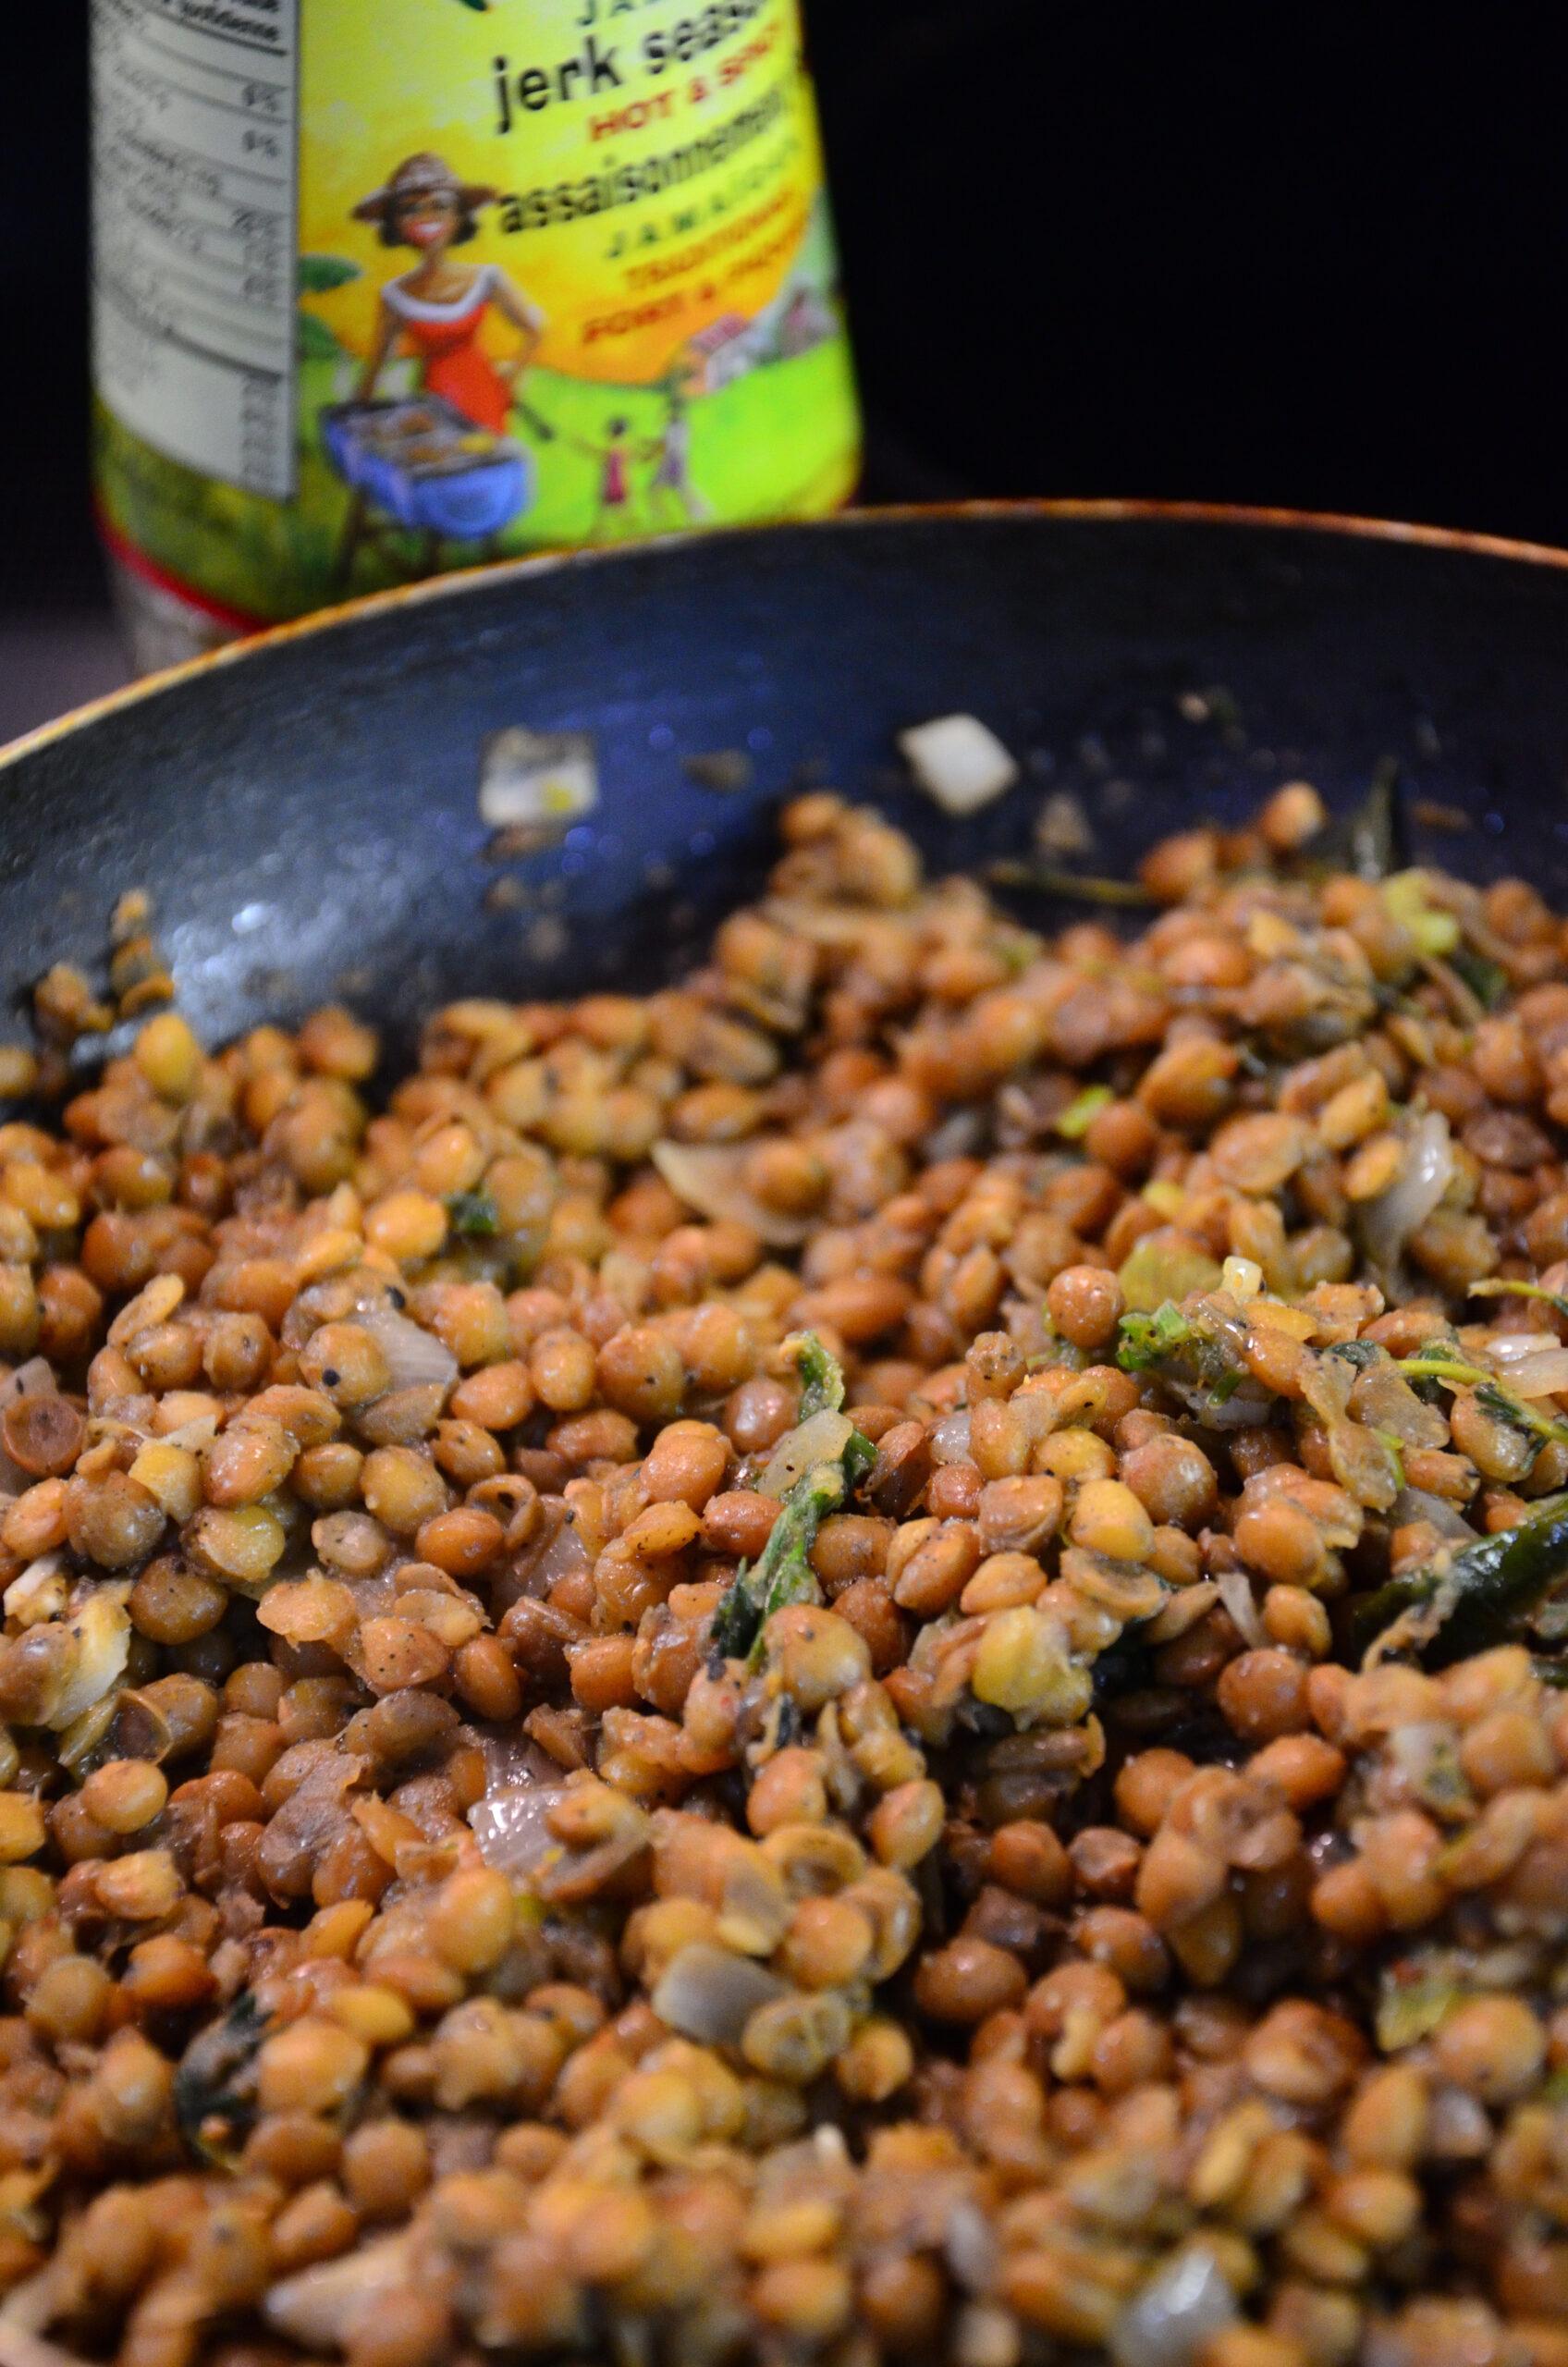 Jerk Spiced Lentils Recipe